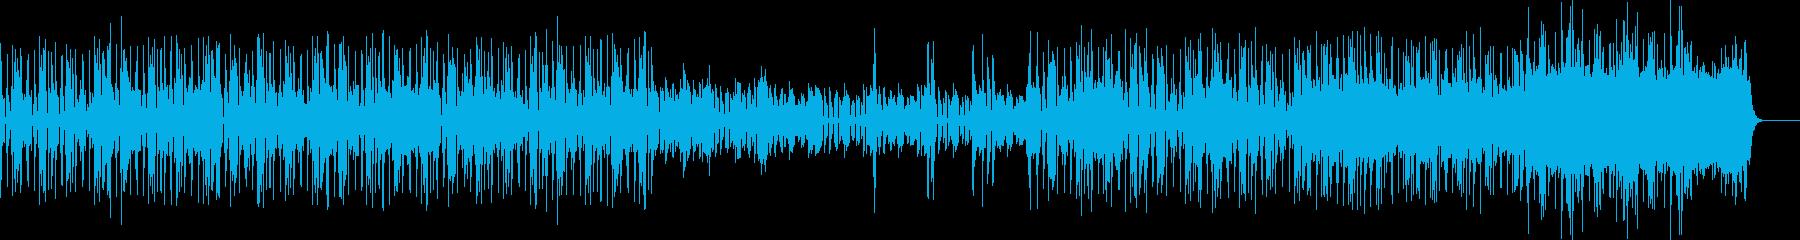 緊張感のあるミニマルロックの再生済みの波形